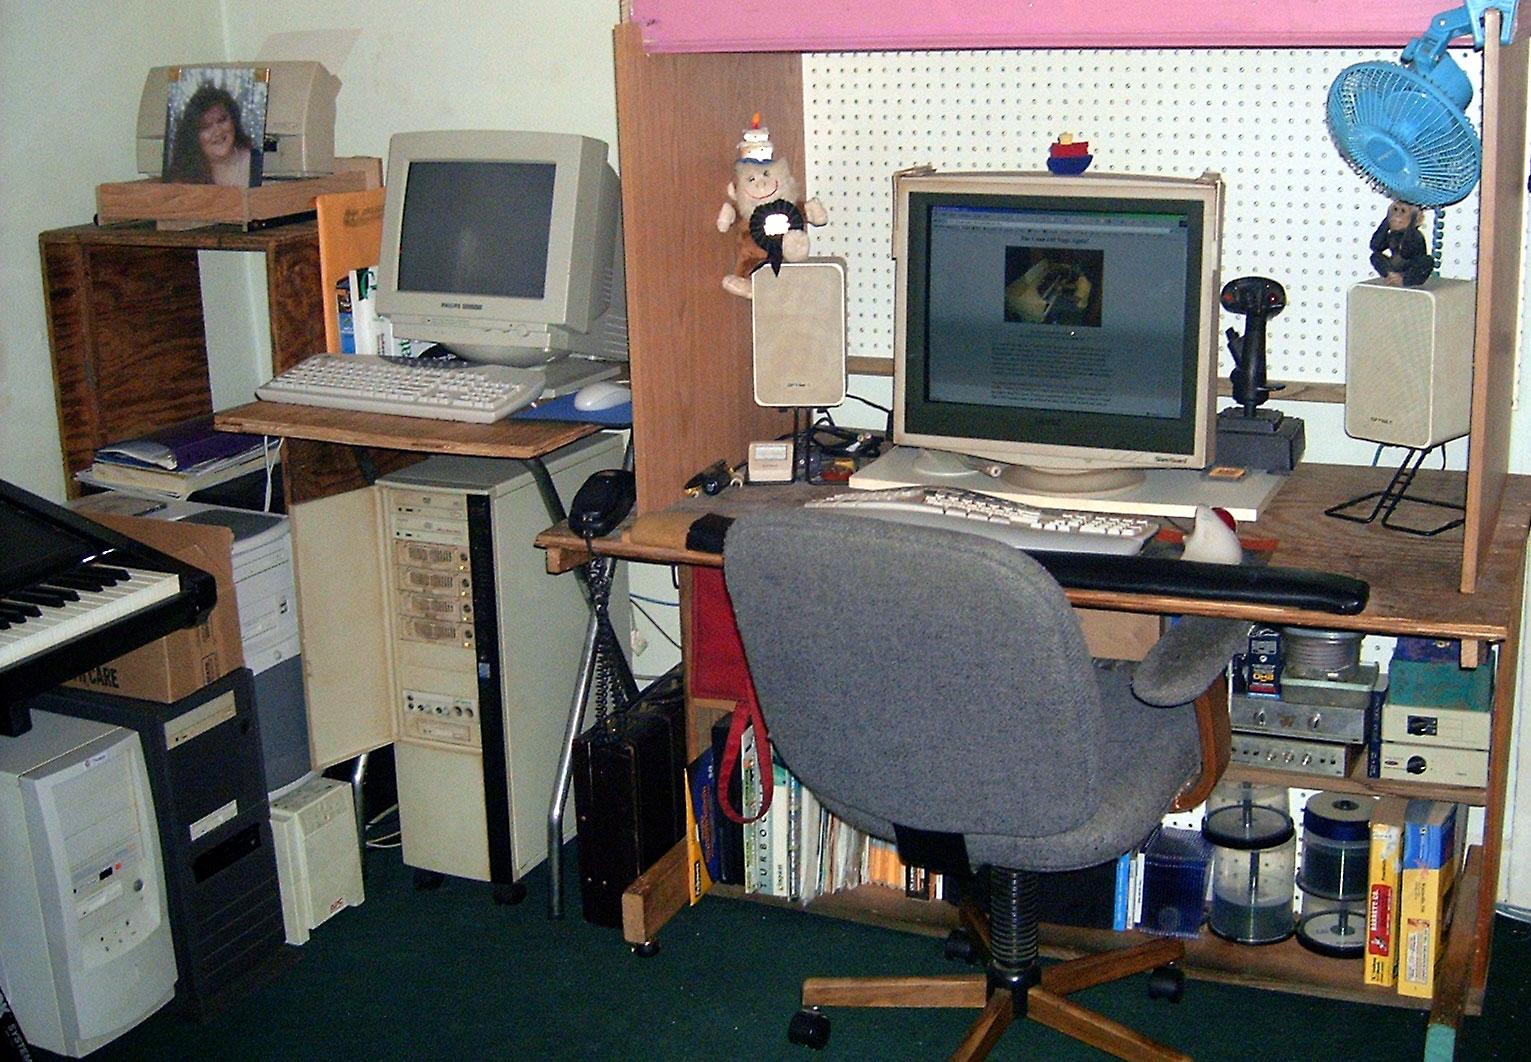 walnut hill chat rooms (214) 761-3106 8007 walnut hill ln dallas, tx 75231.